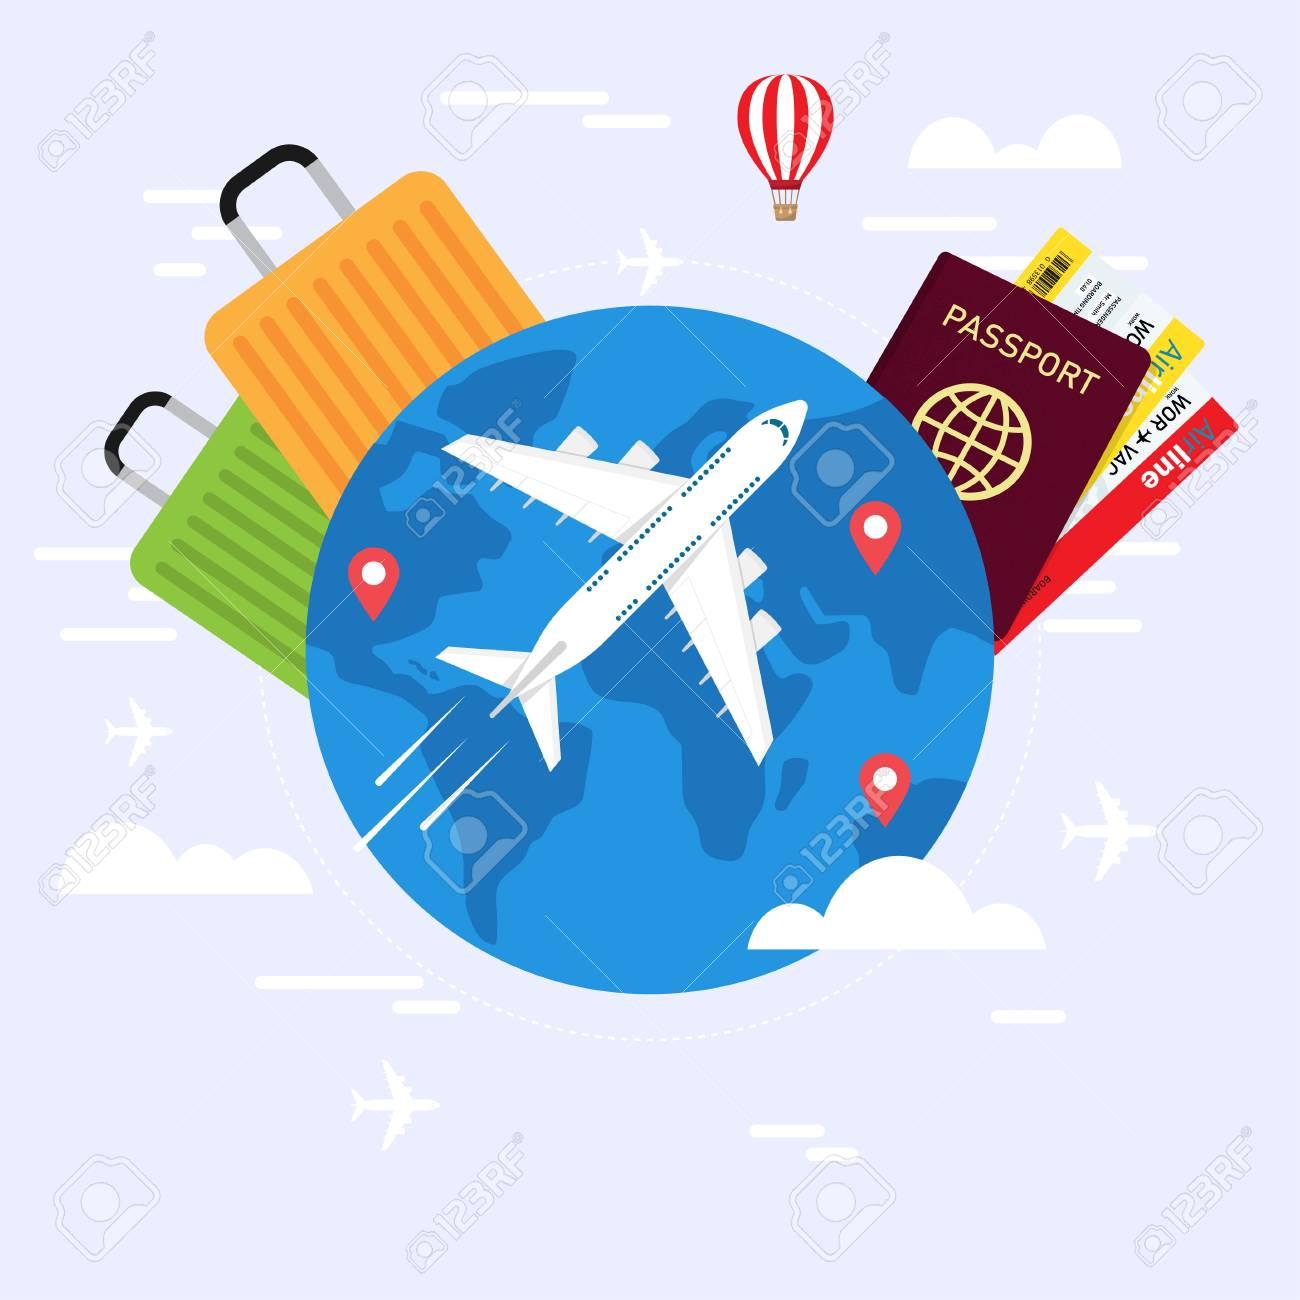 travel planning travel concept passport airplane ticket world